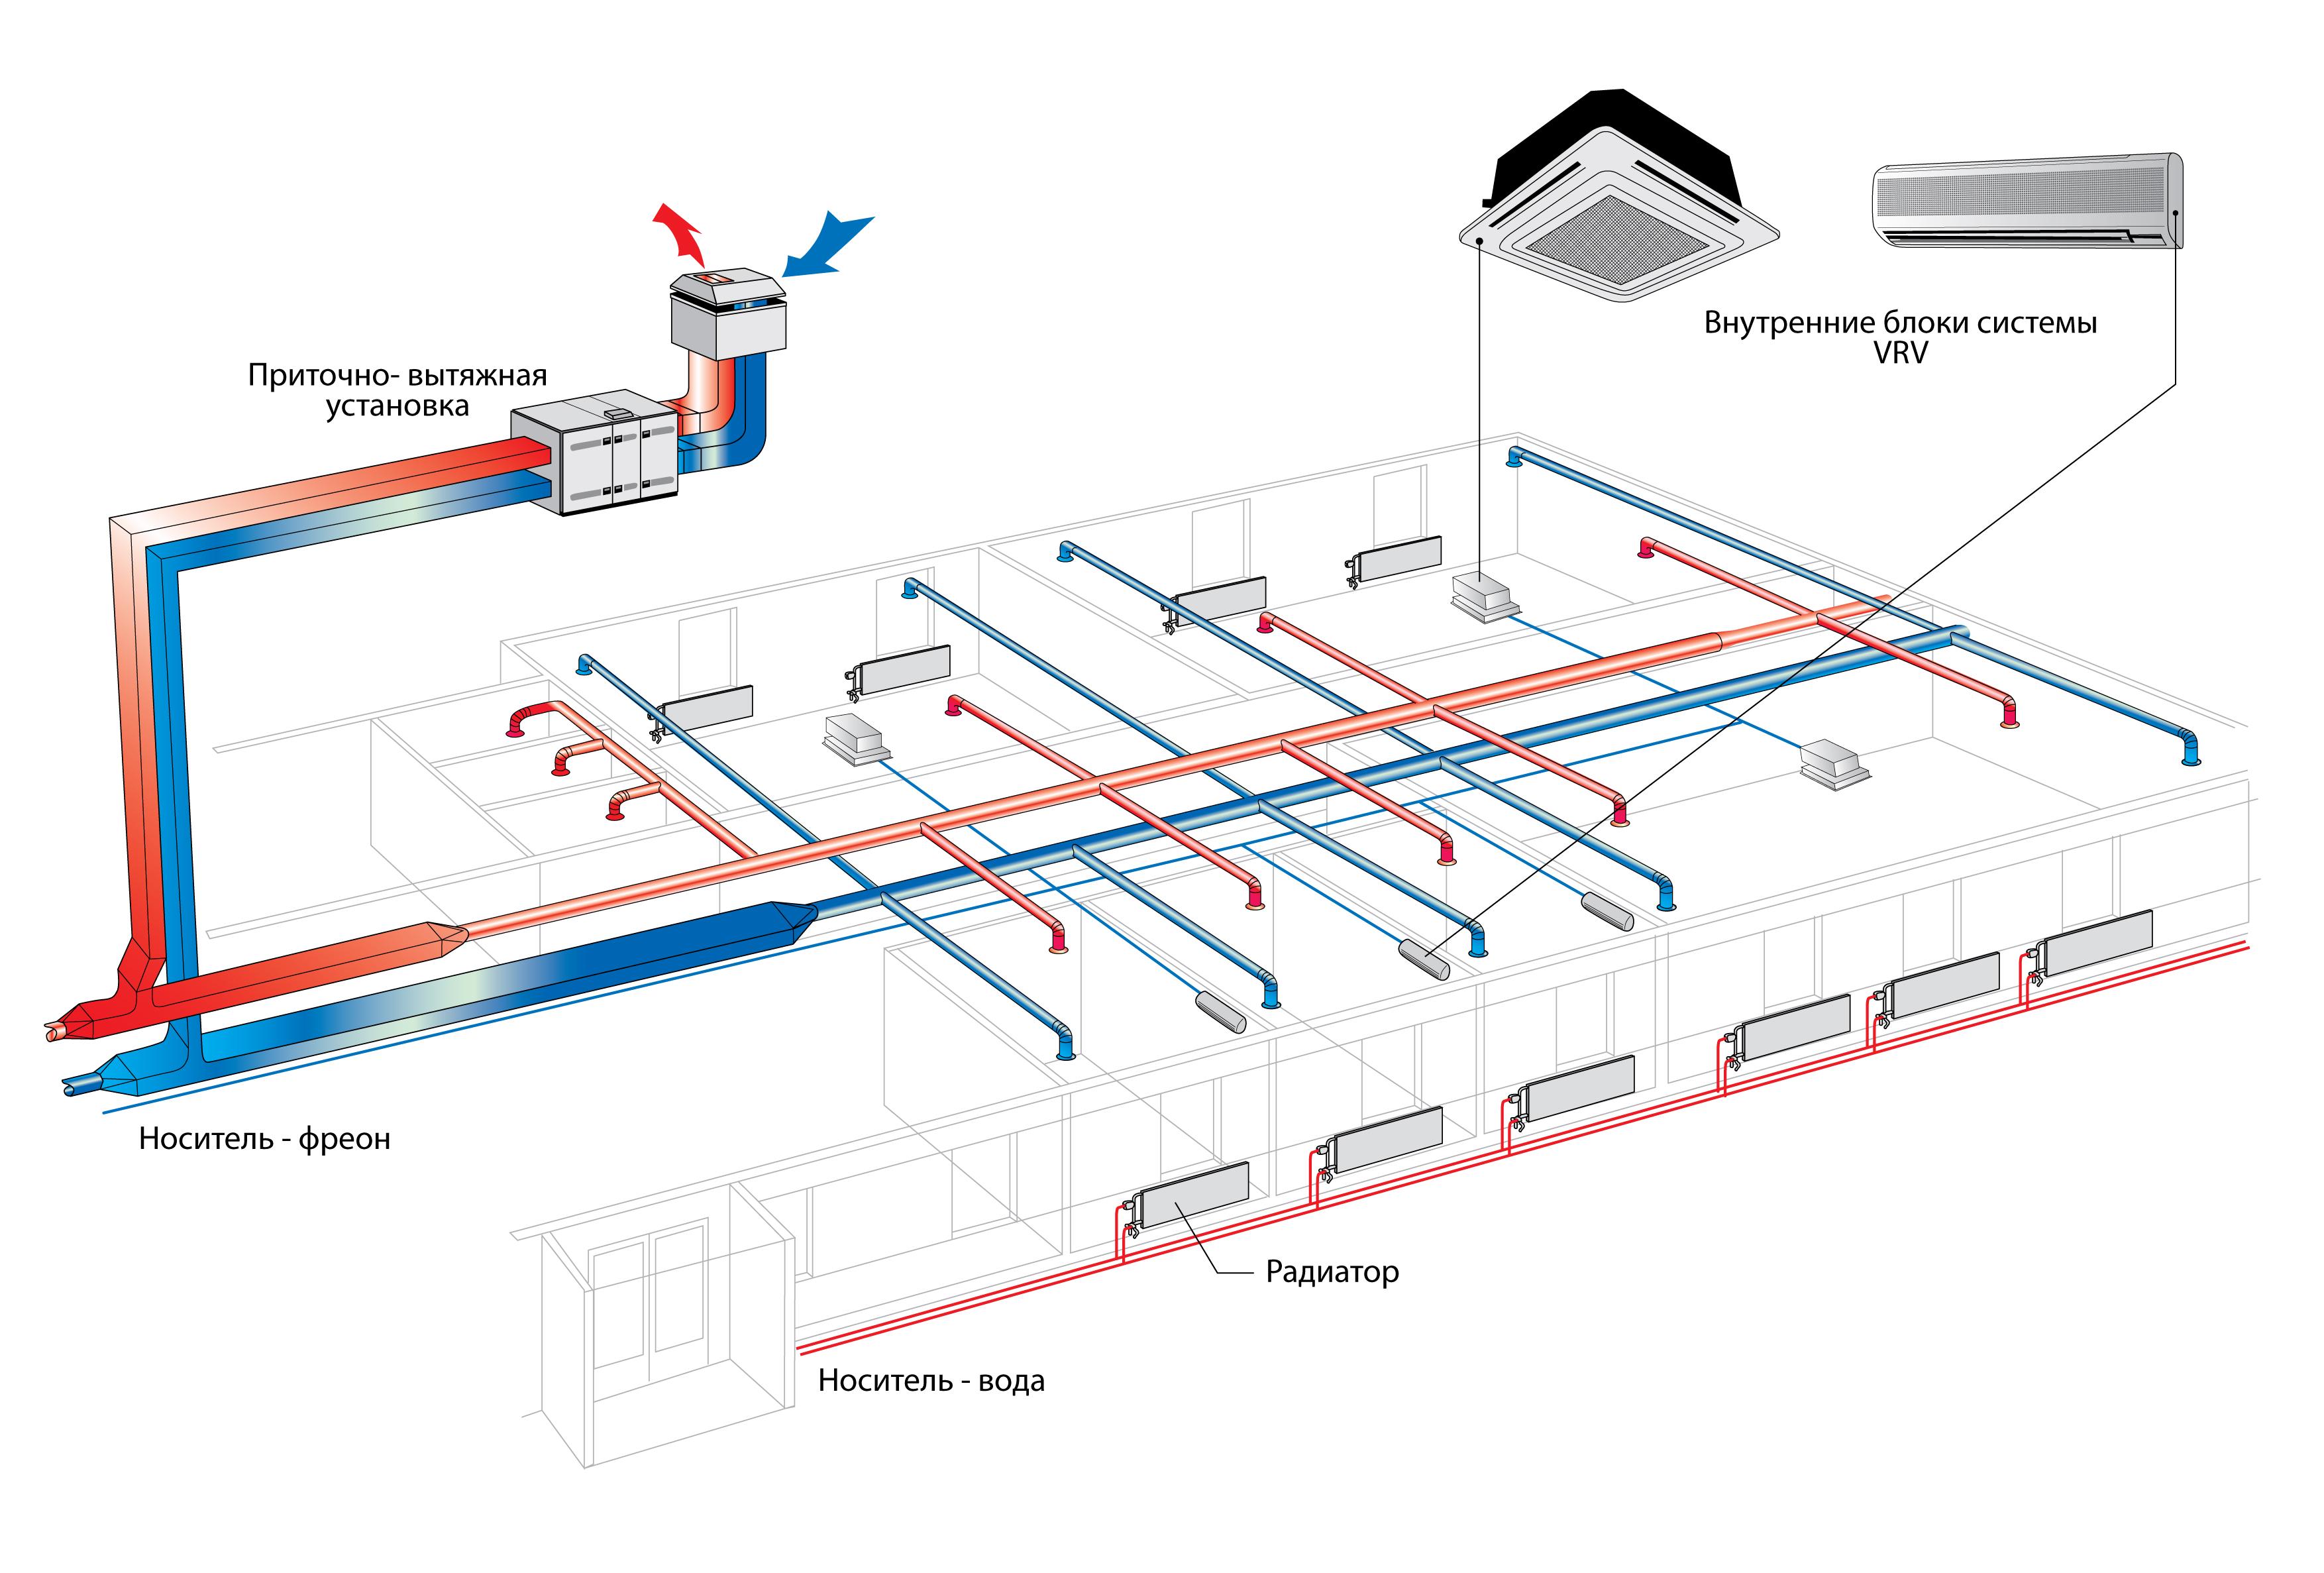 Естественная вентиляция: устройство вытяжной и как работает система, схема приточной